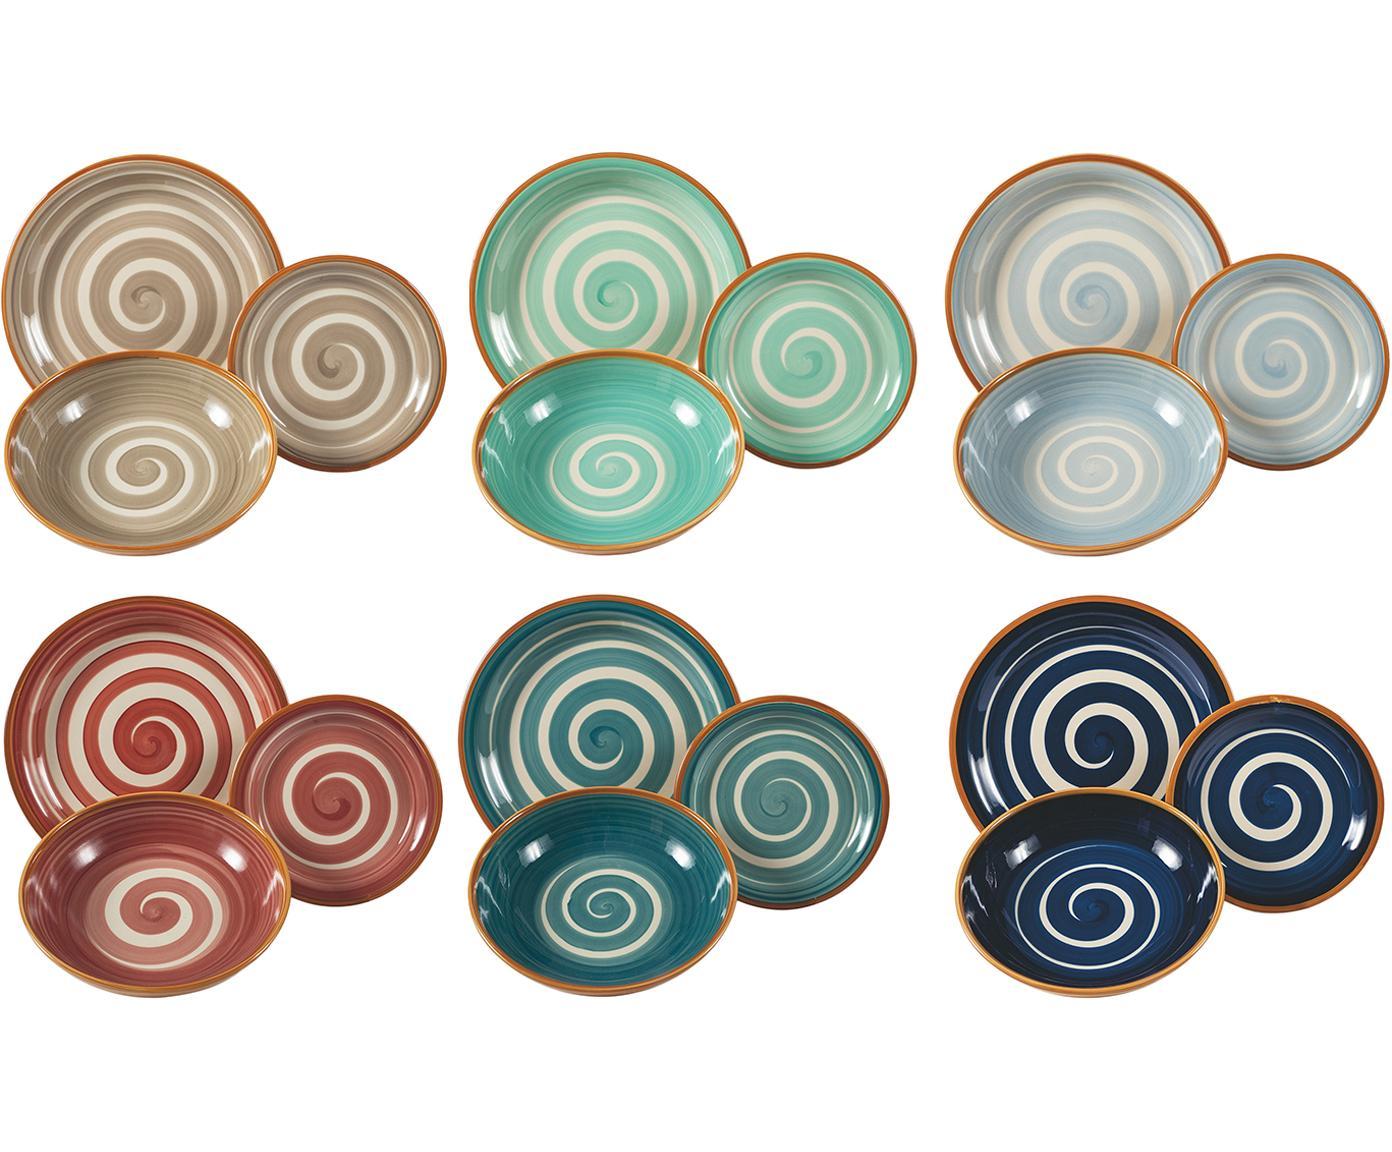 Vajilla Formentera, 6comensales (18pzas.), Gres, Multicolor, Tamaños diferentes